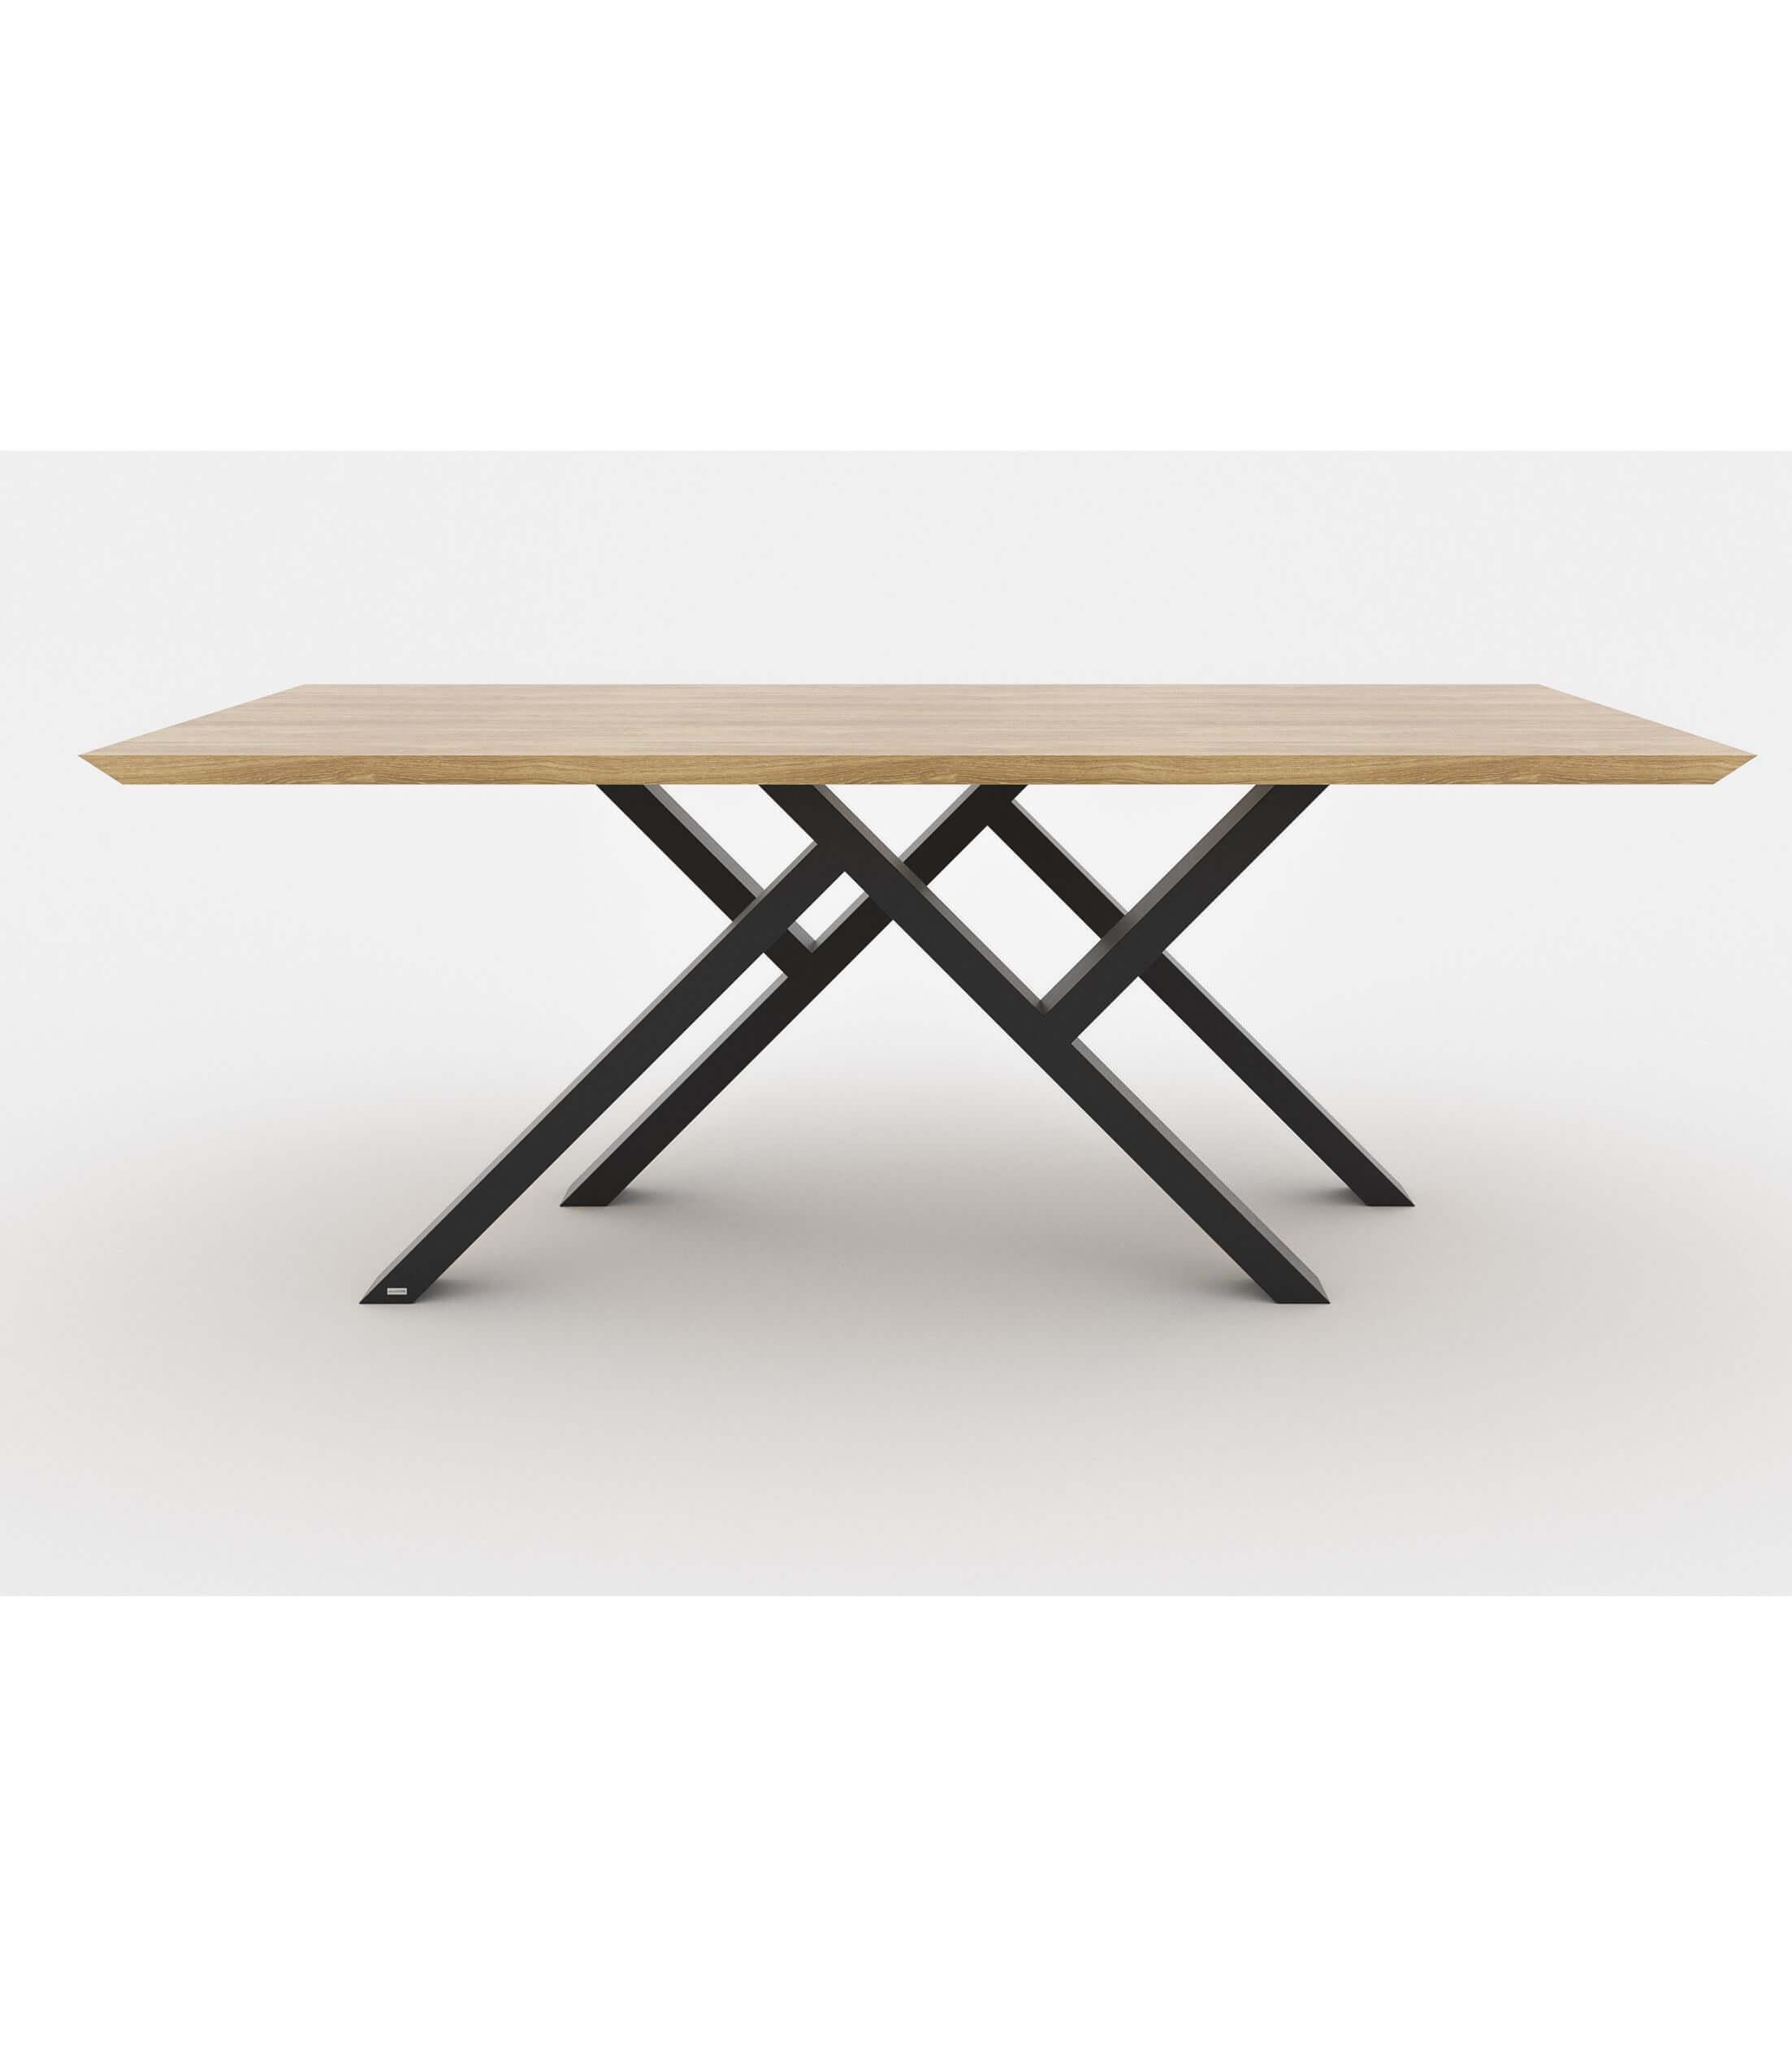 stół loft nowoczesny z drewnianym blatem do salonu